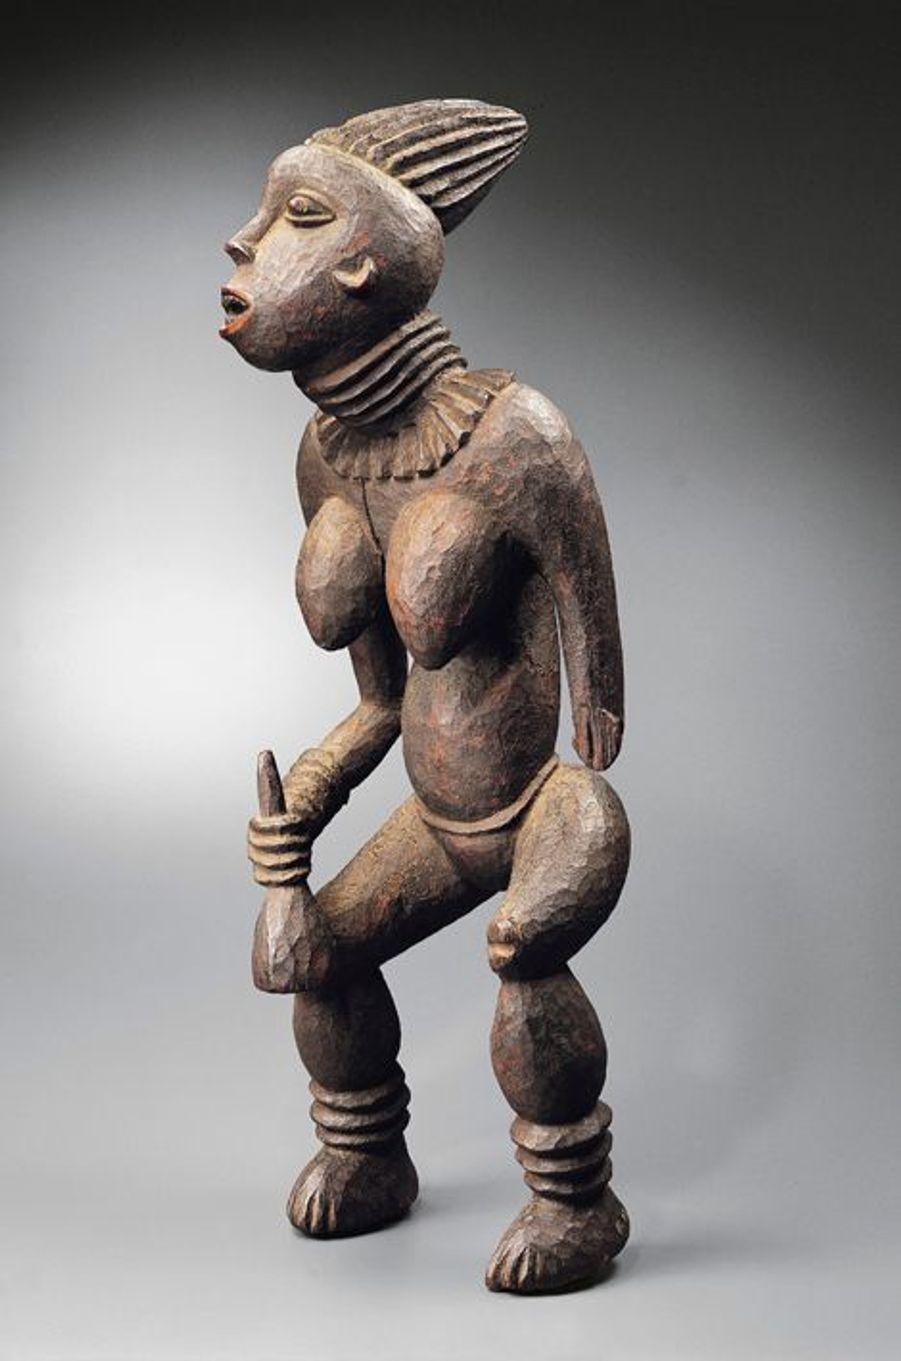 Statue l efem à l'effigie d'une princesse - Bangwa (Cameroun)